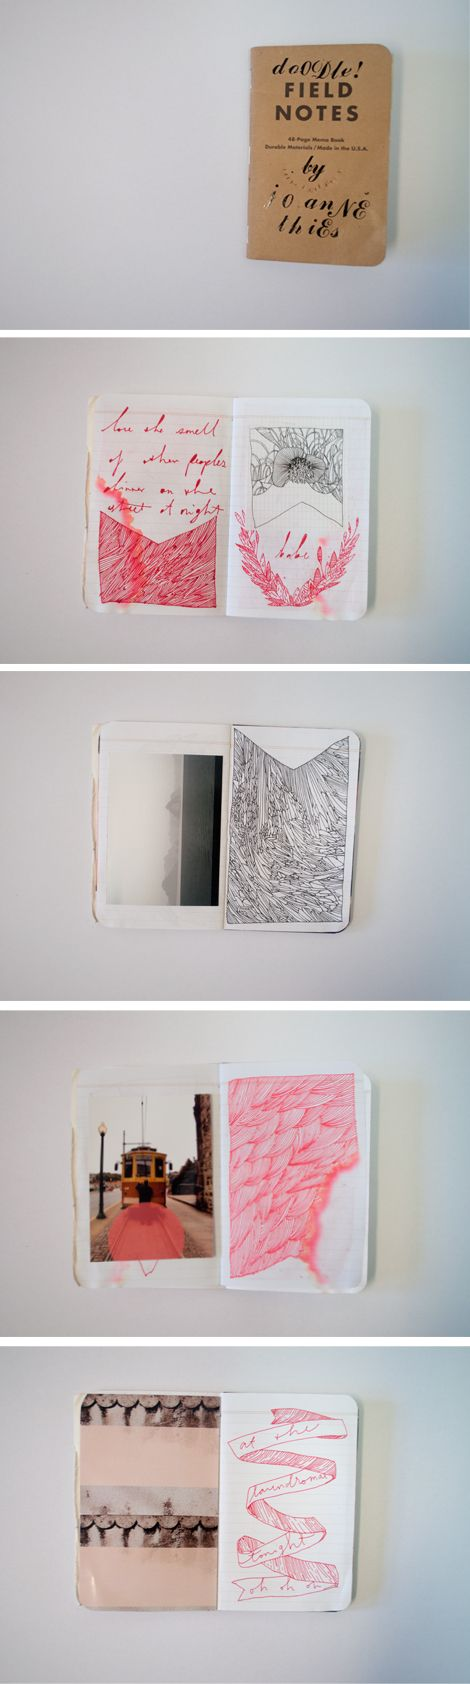 Sketchbook, doodle book, field notes, pattern, mark making, lettering, illustration